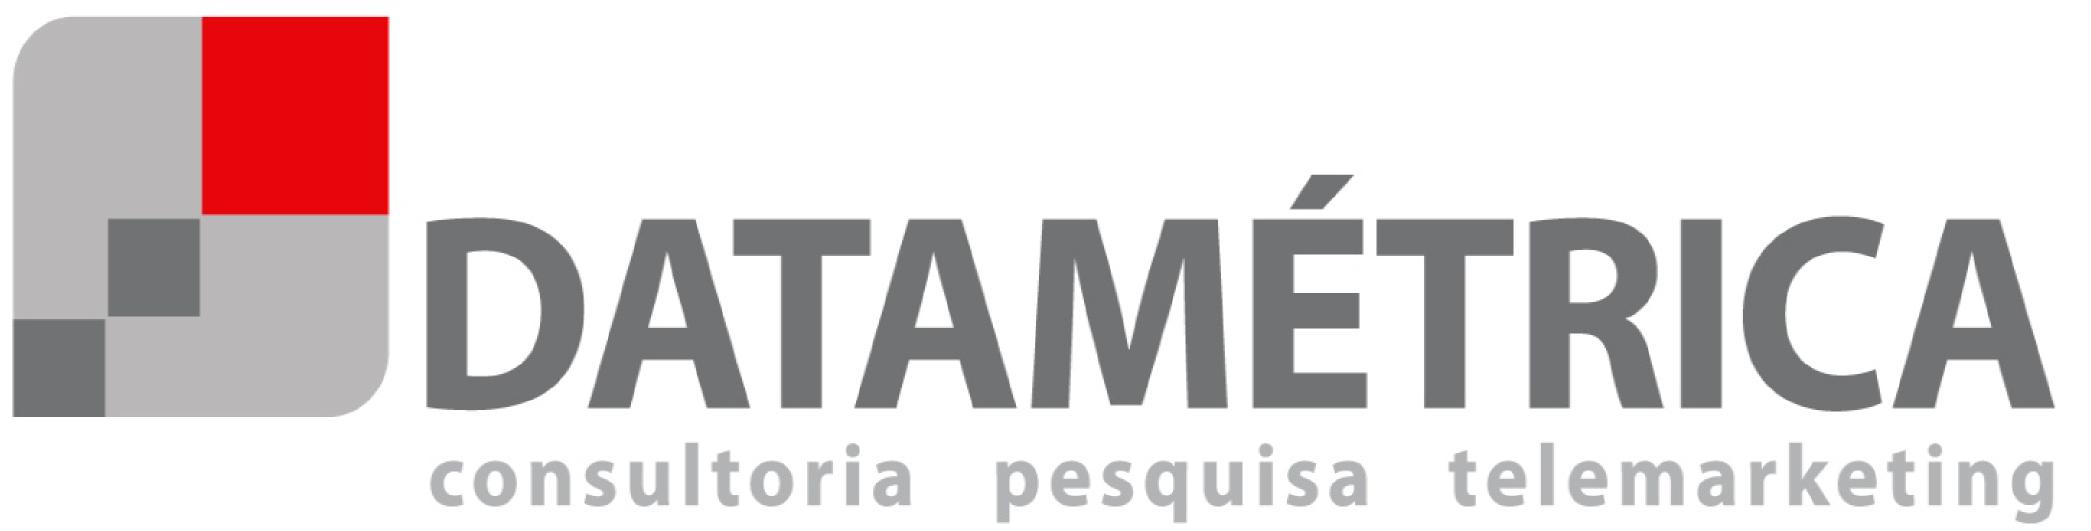 Datamétrica- Consultoria, pesquisa e telemarketing